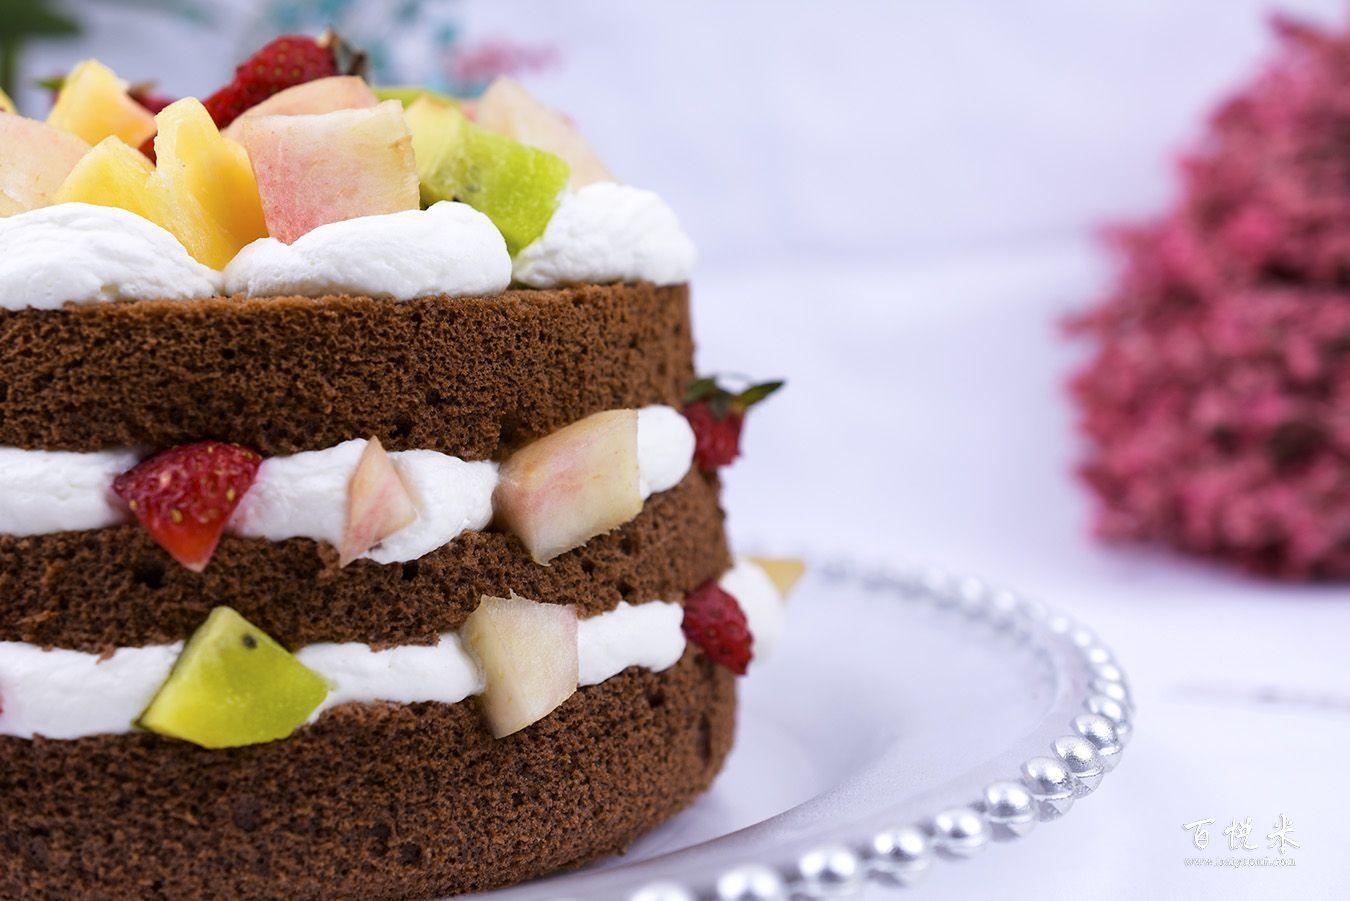 巧克力裸蛋糕高清图片大全【蛋糕图片】_1120